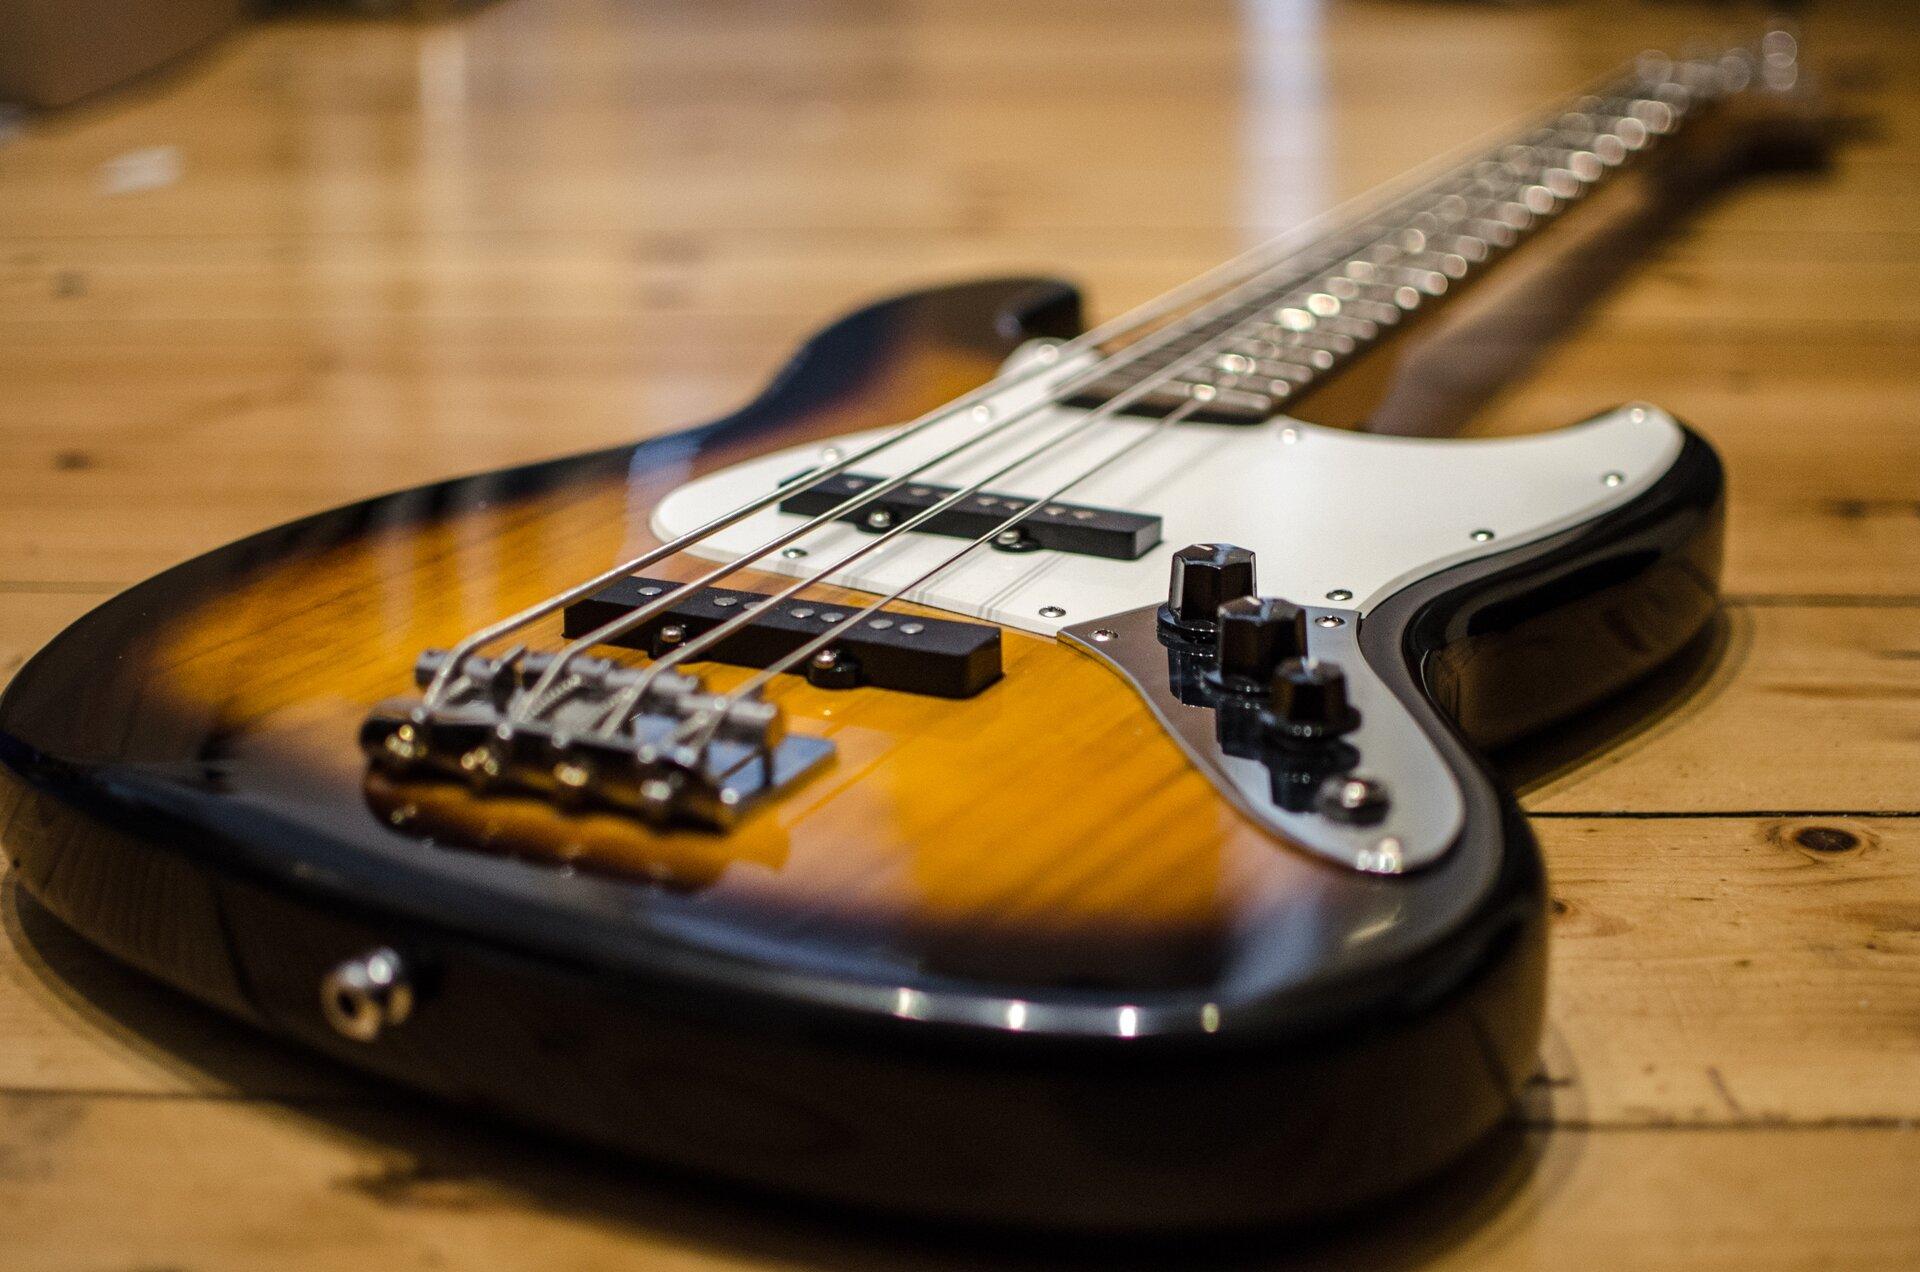 Struny gitary oróżnej grubości. Grubość strun decyduje owysokości wydawanych dźwięków